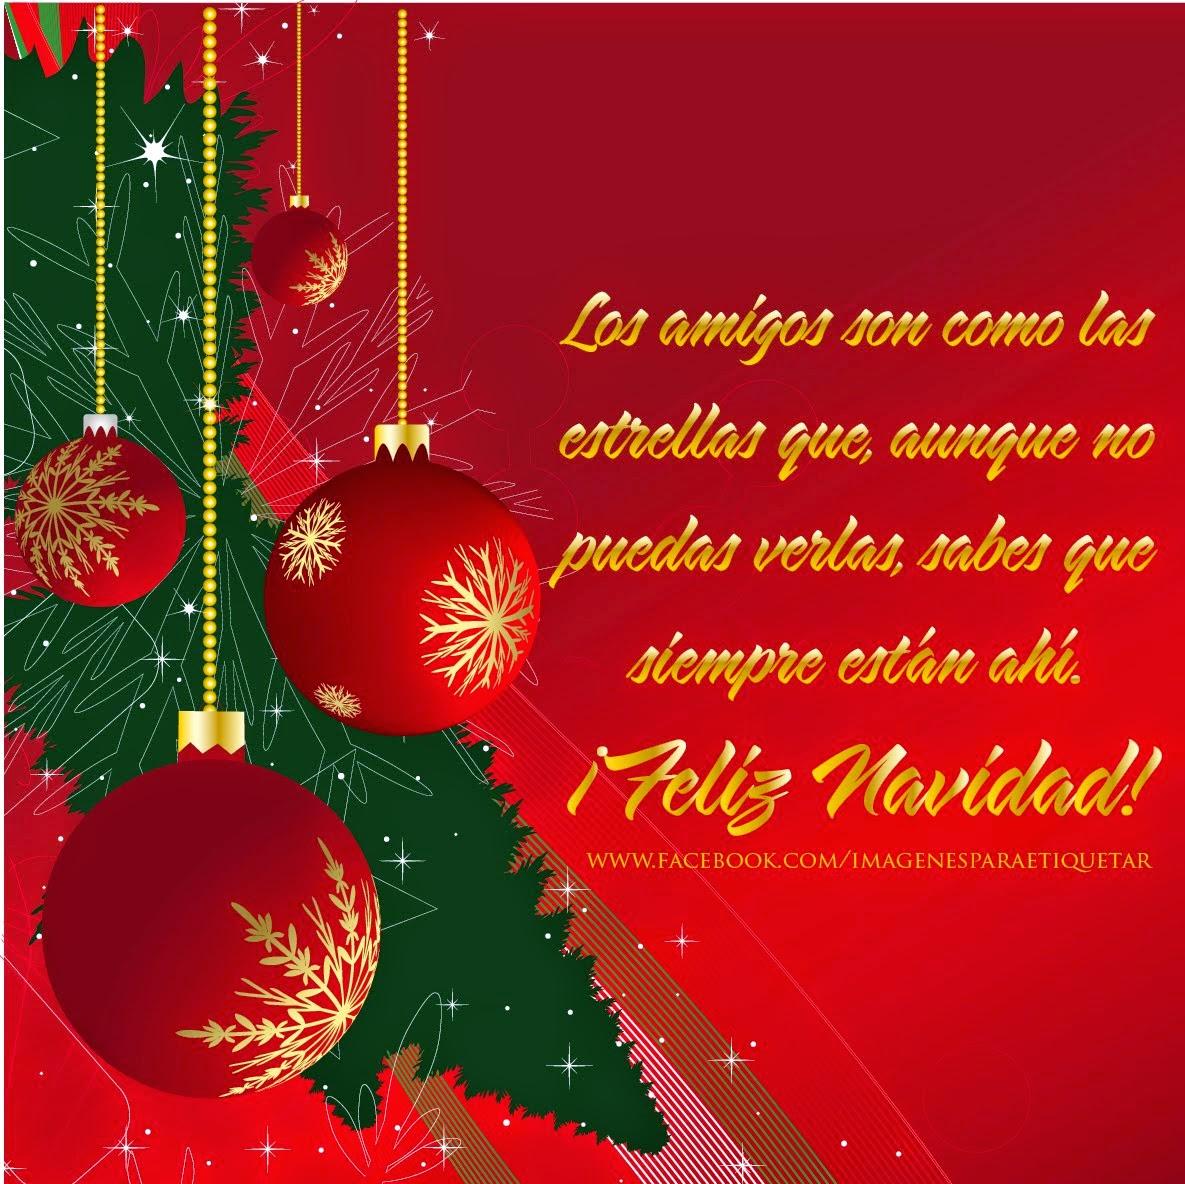 Mensajes de navidad para amigos tarjetas de navidad - Frases de navidad para empresas ...